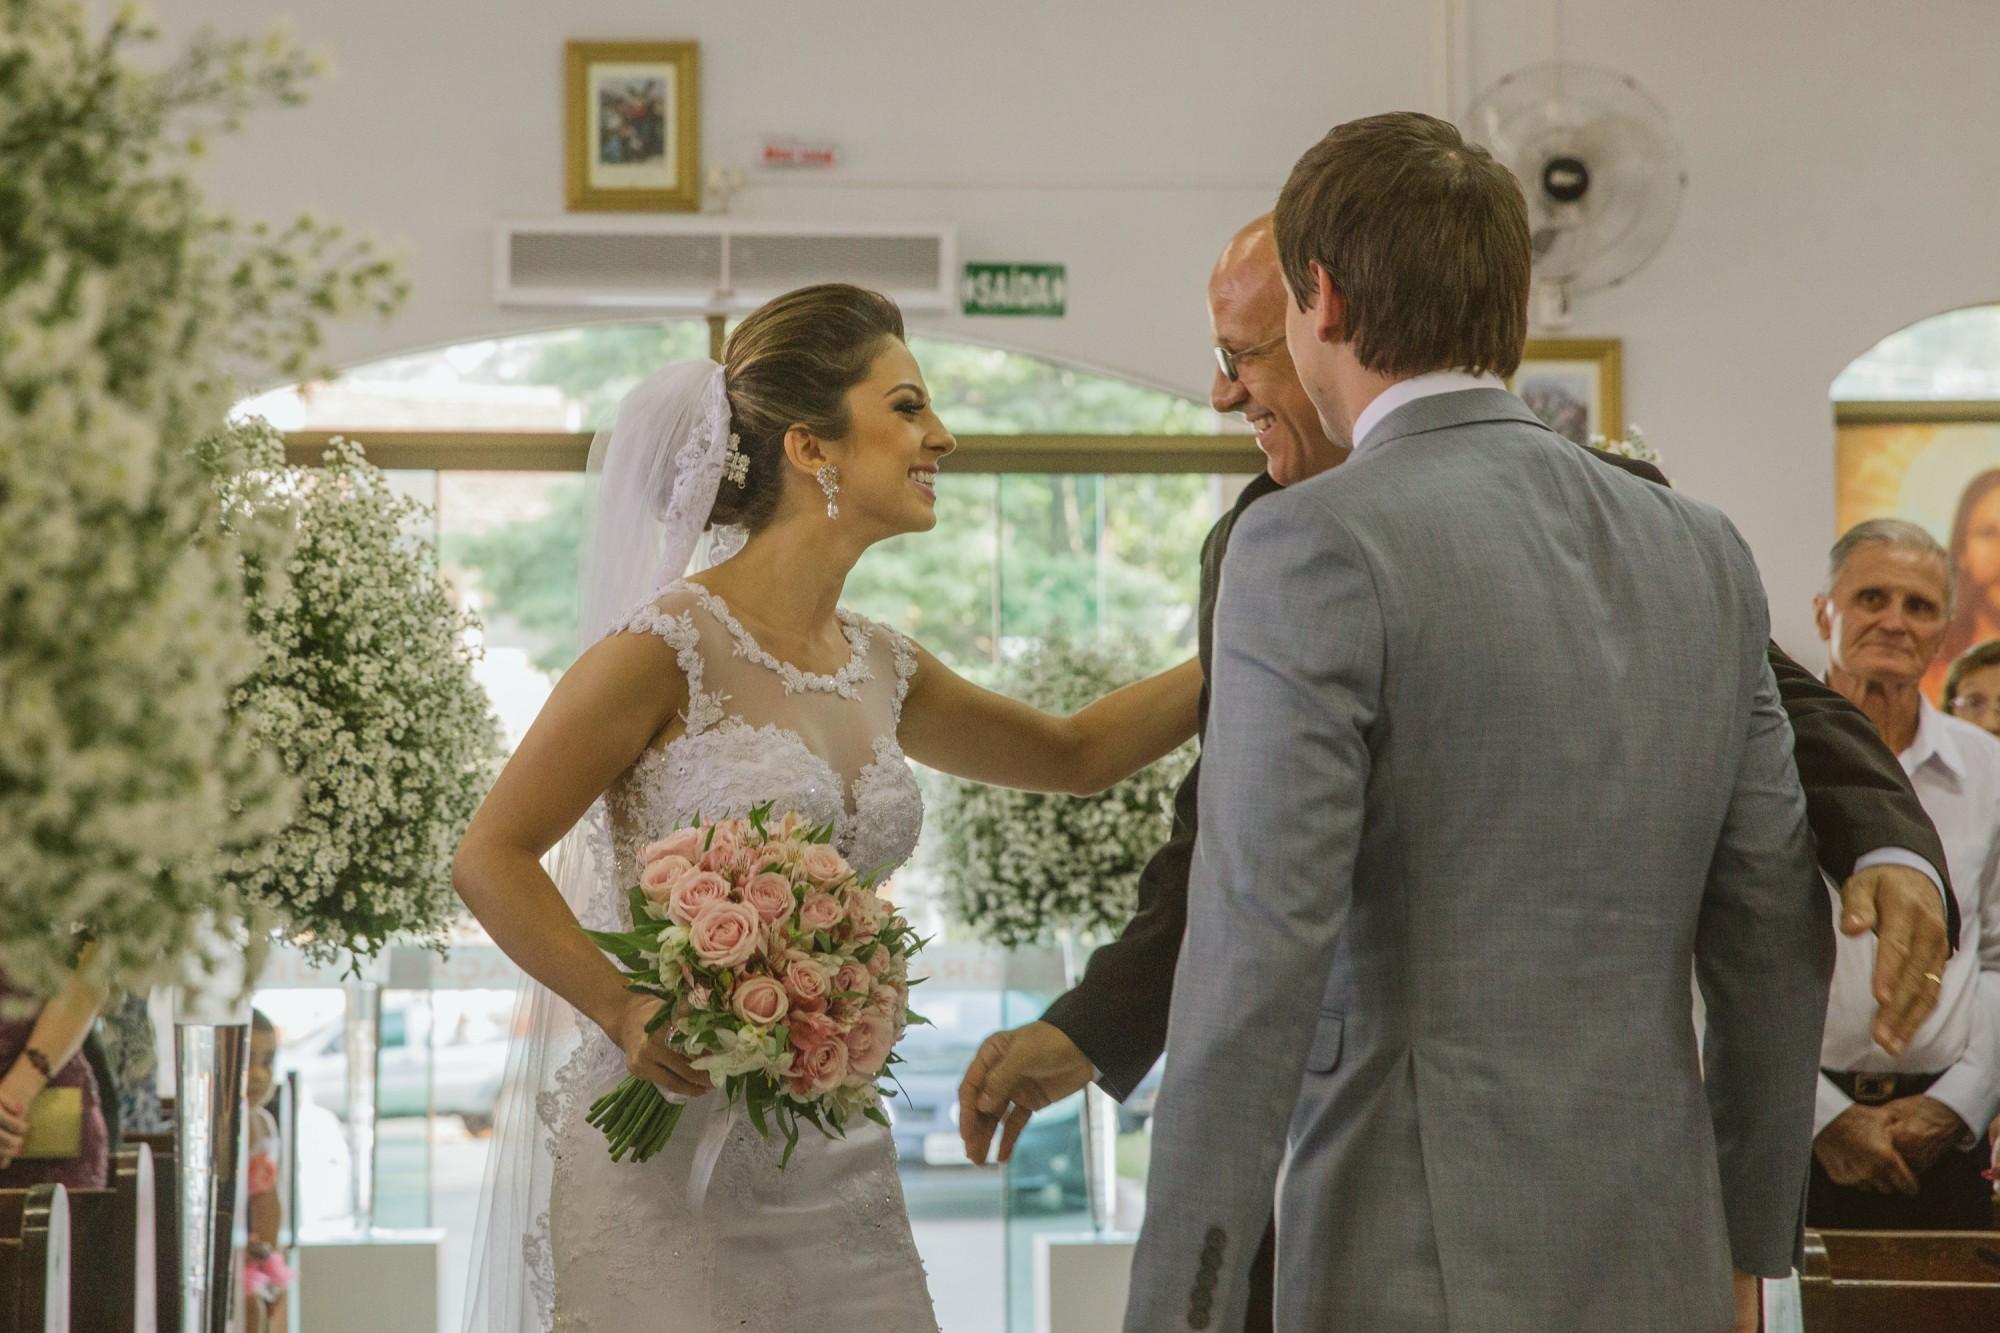 Maiara Kuki e Ricardo - Casamento em Palotina - PR por Lorran Souza e Léia Sotile - fotografo de casamentos00009